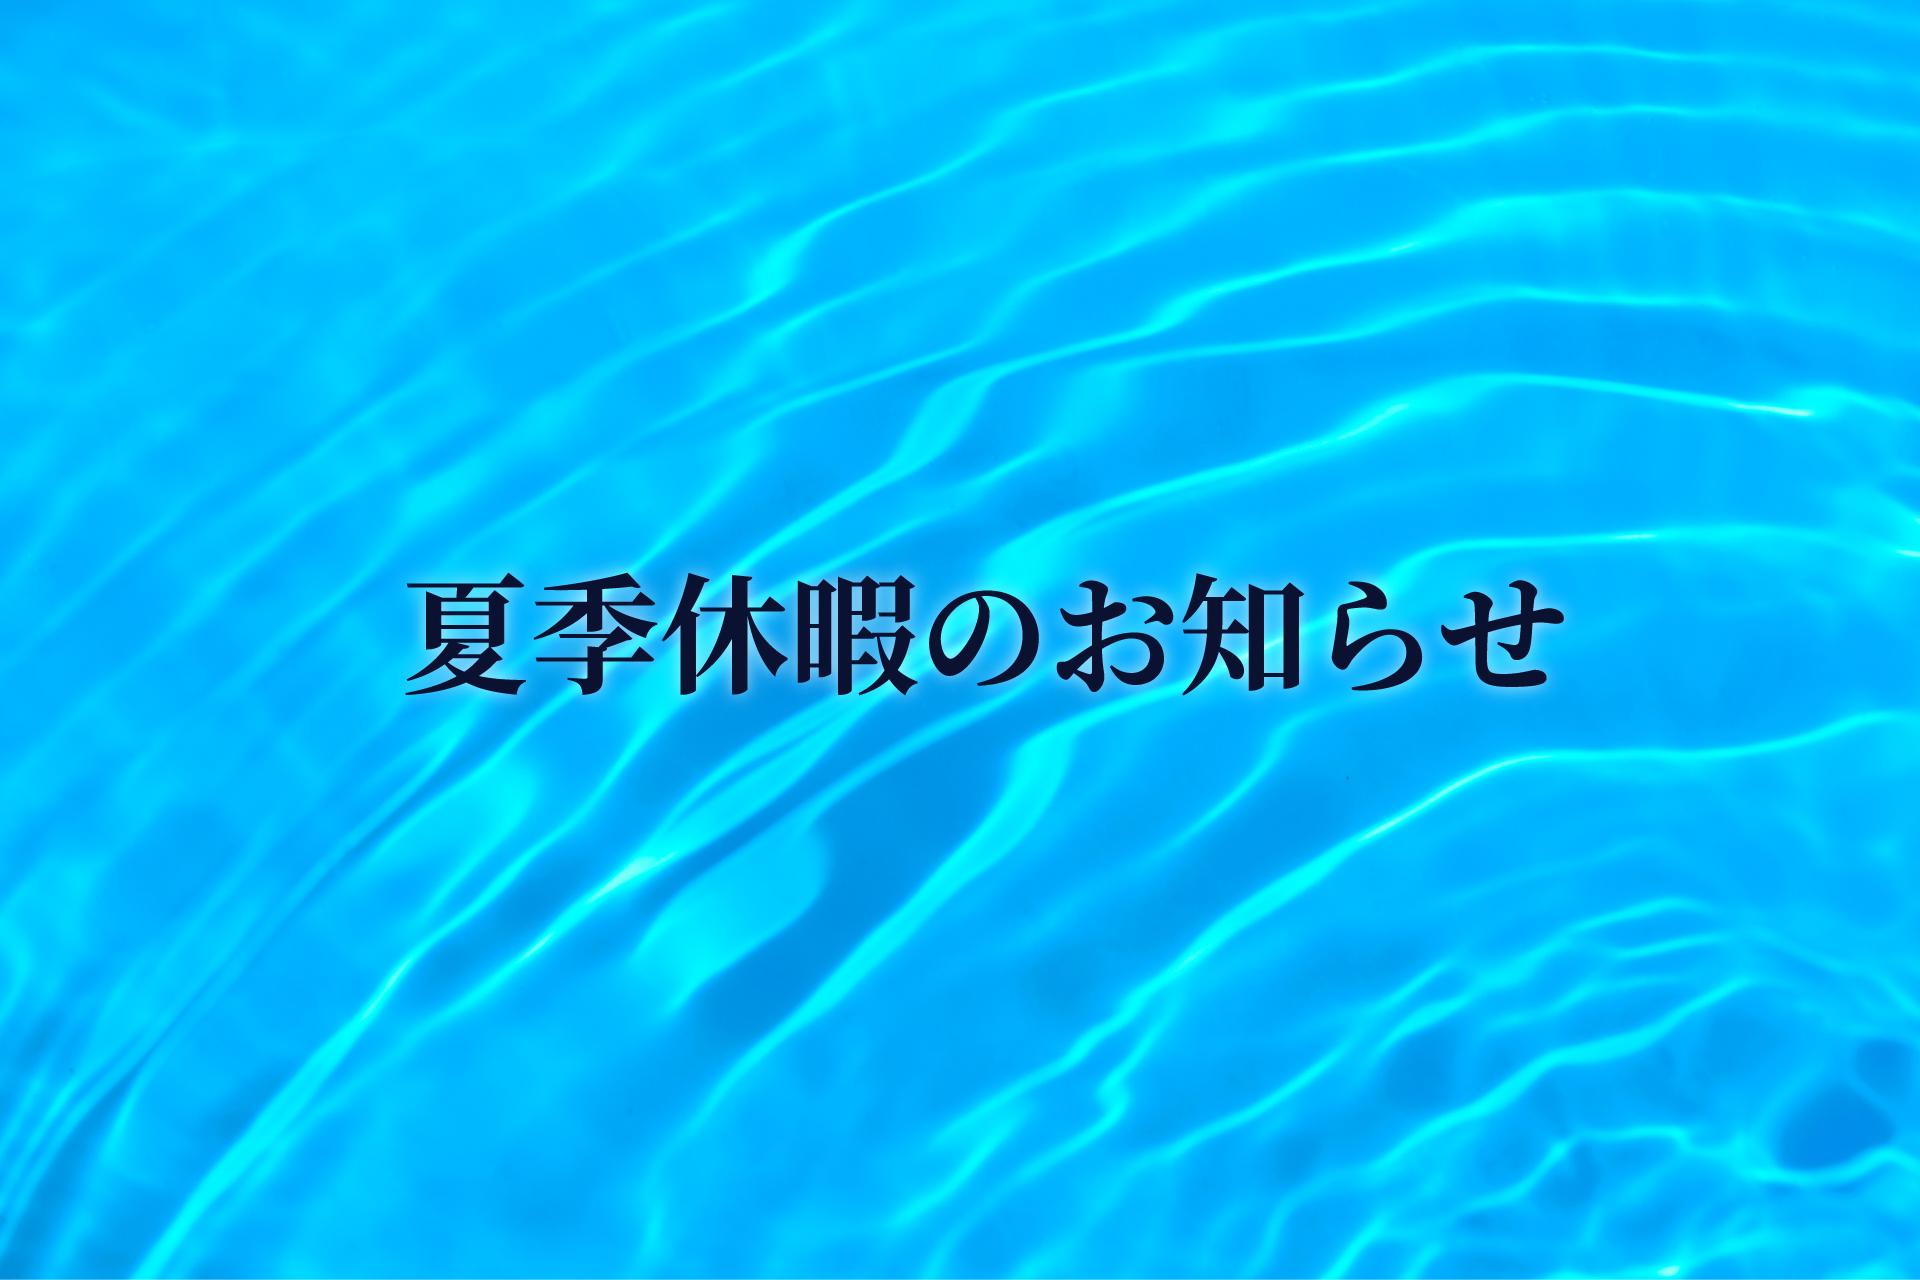 Lead Tec System 夏季休暇のお知らせ(8/11~8/15)